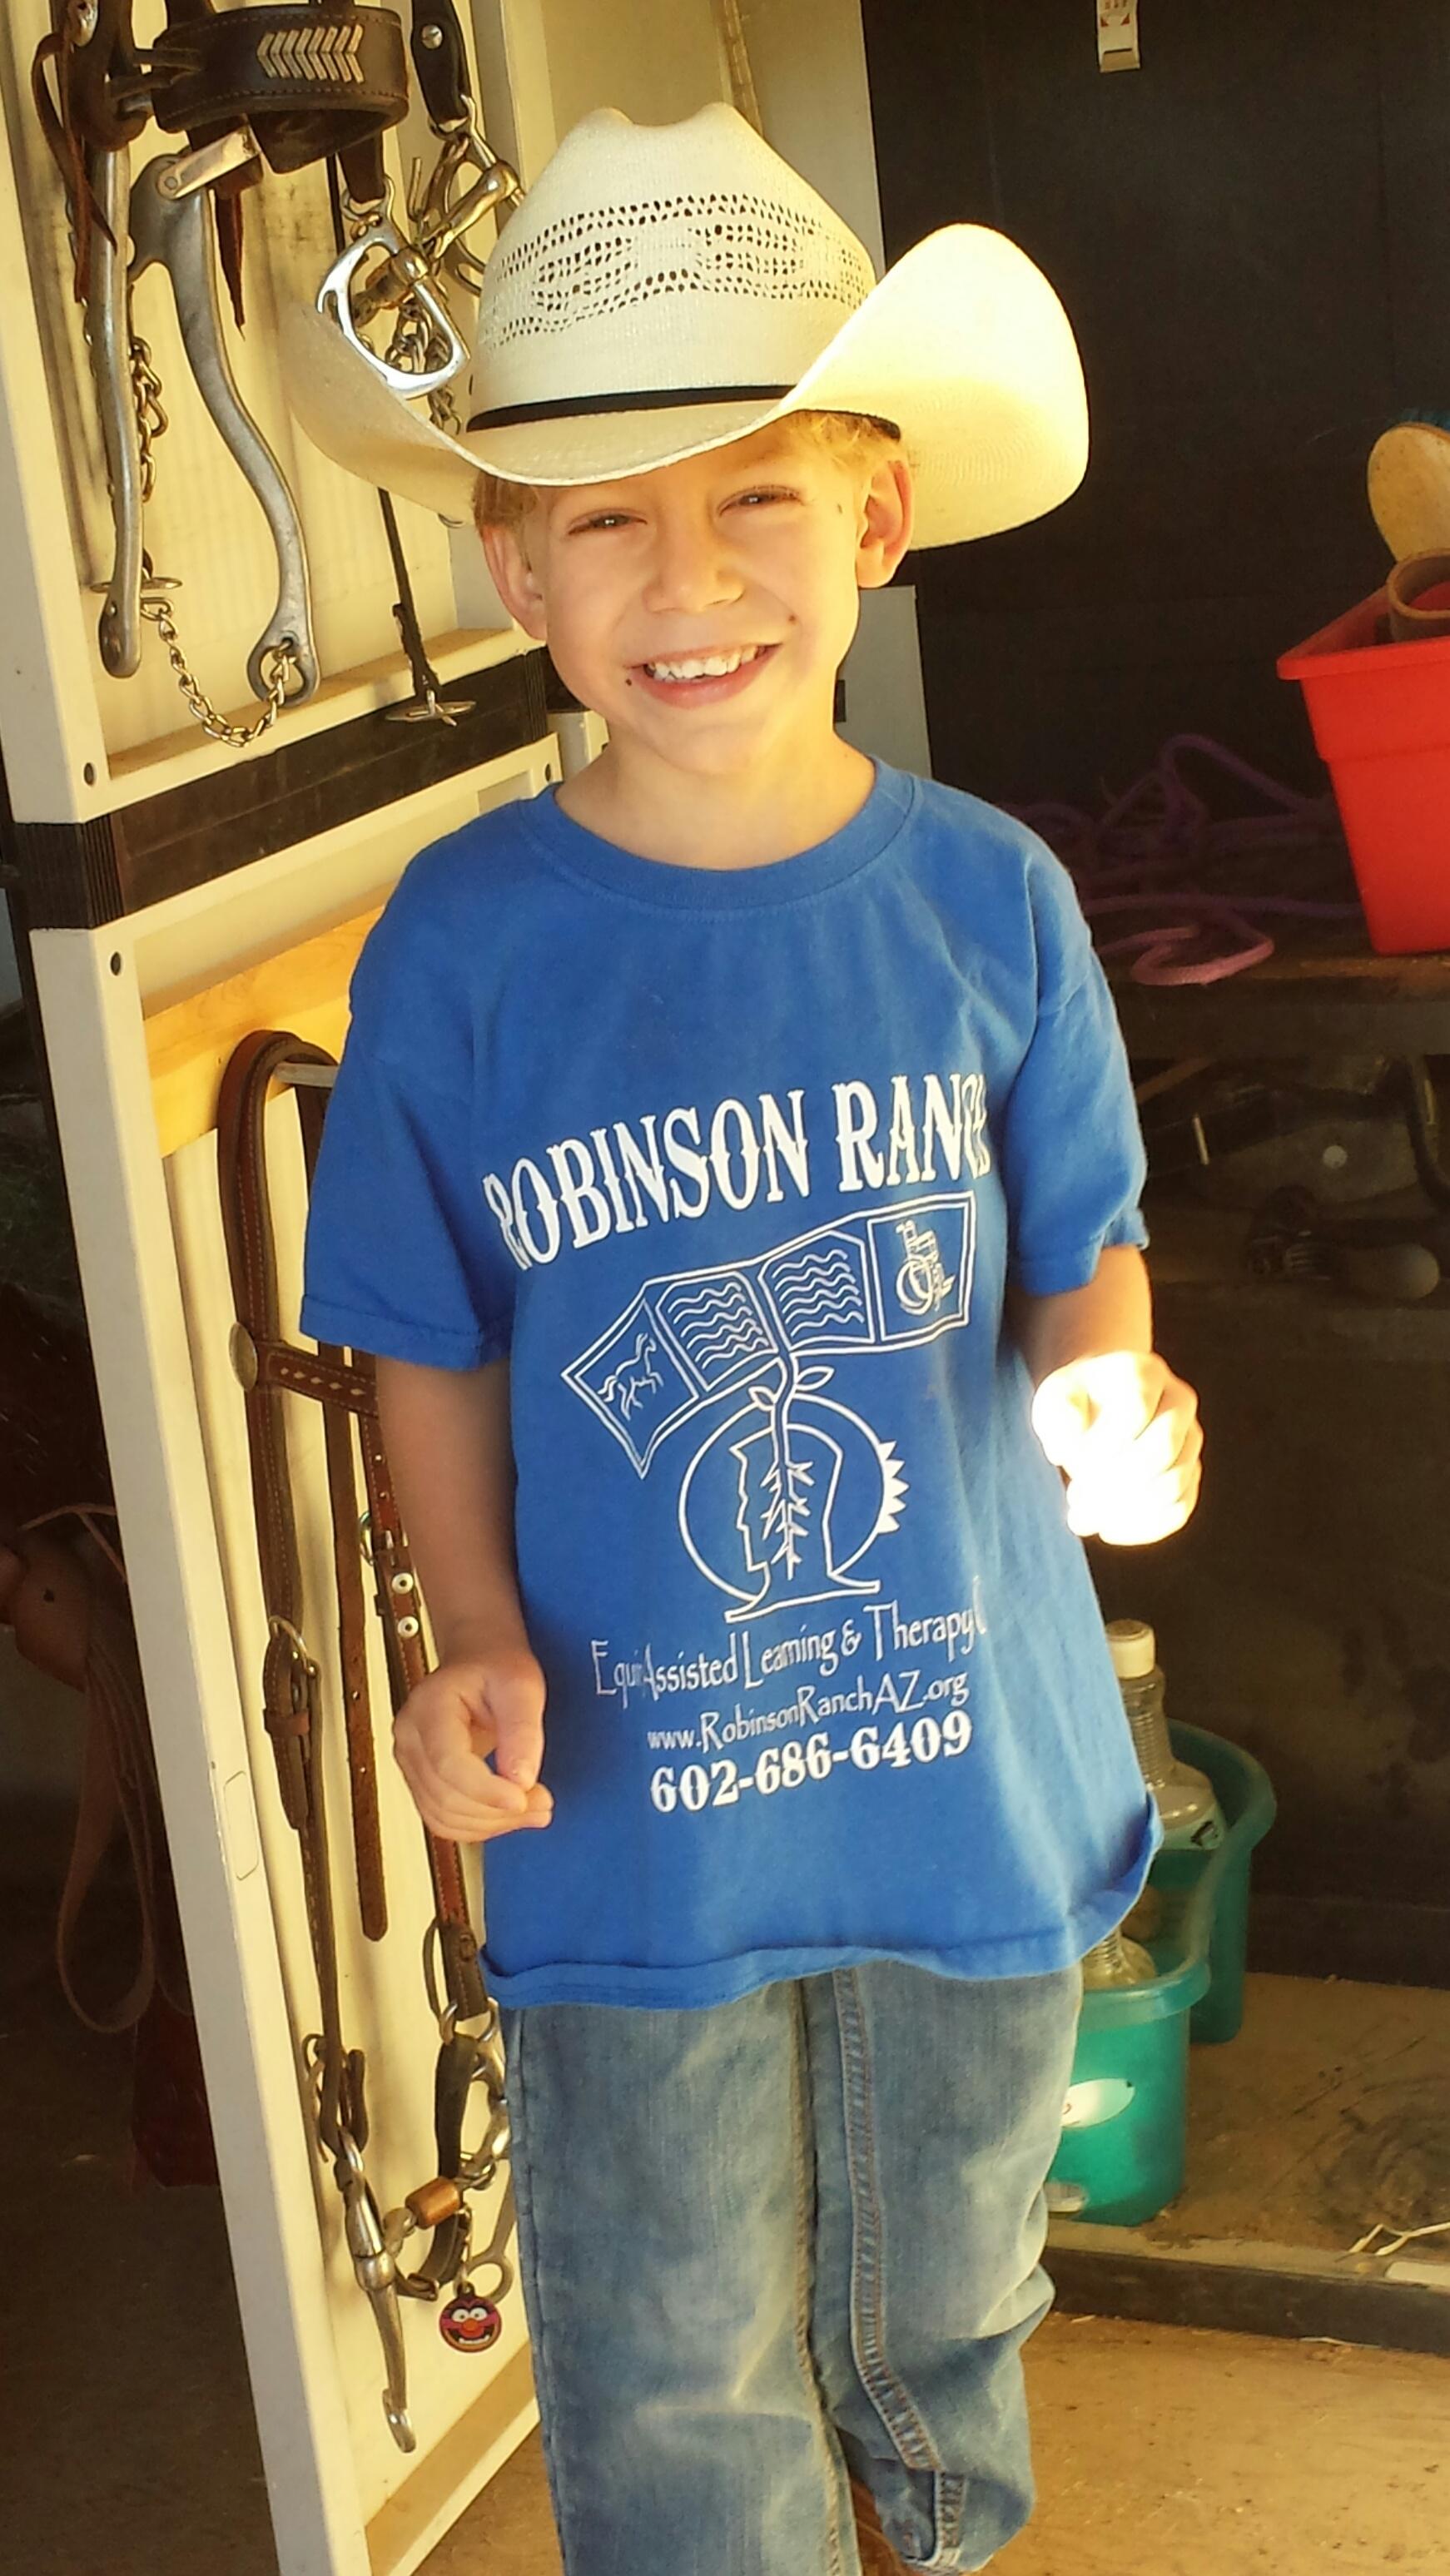 robinson ranch volunteer